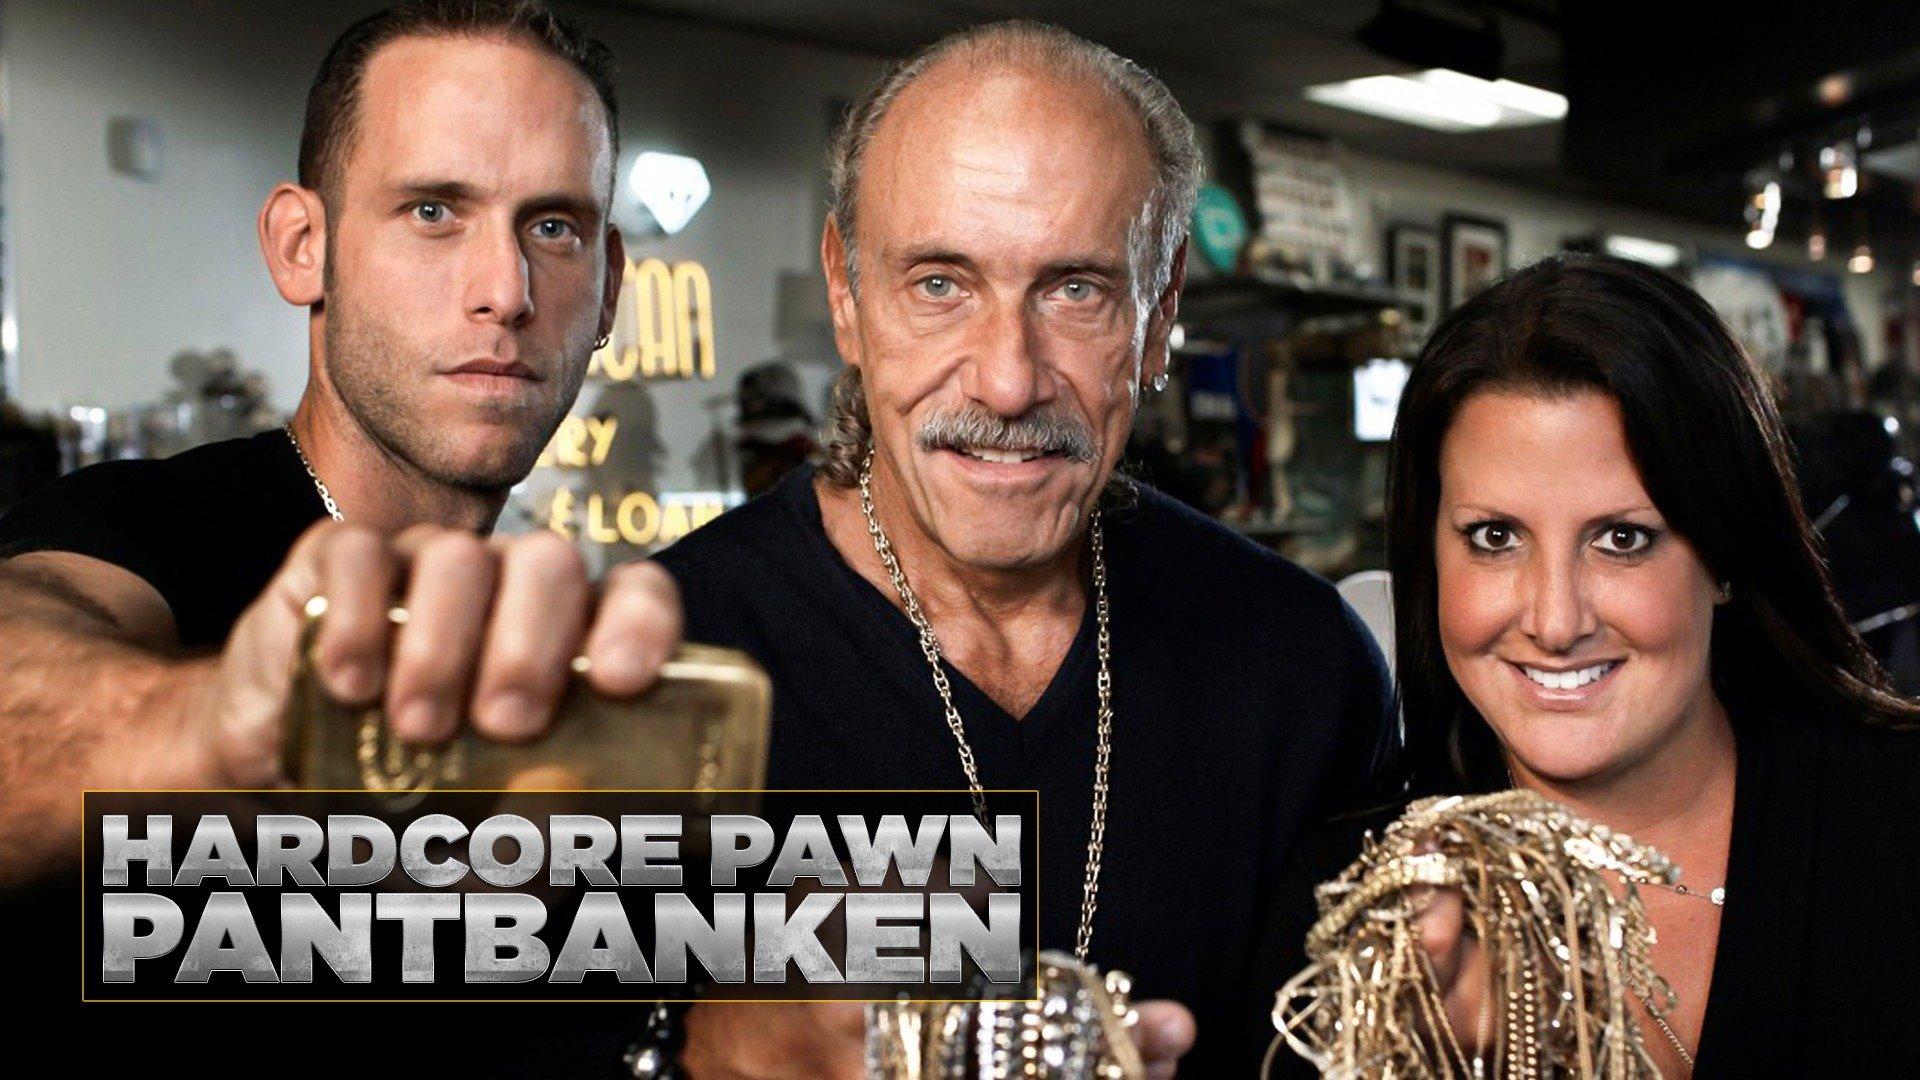 Hardcore Pawn: pantbanken